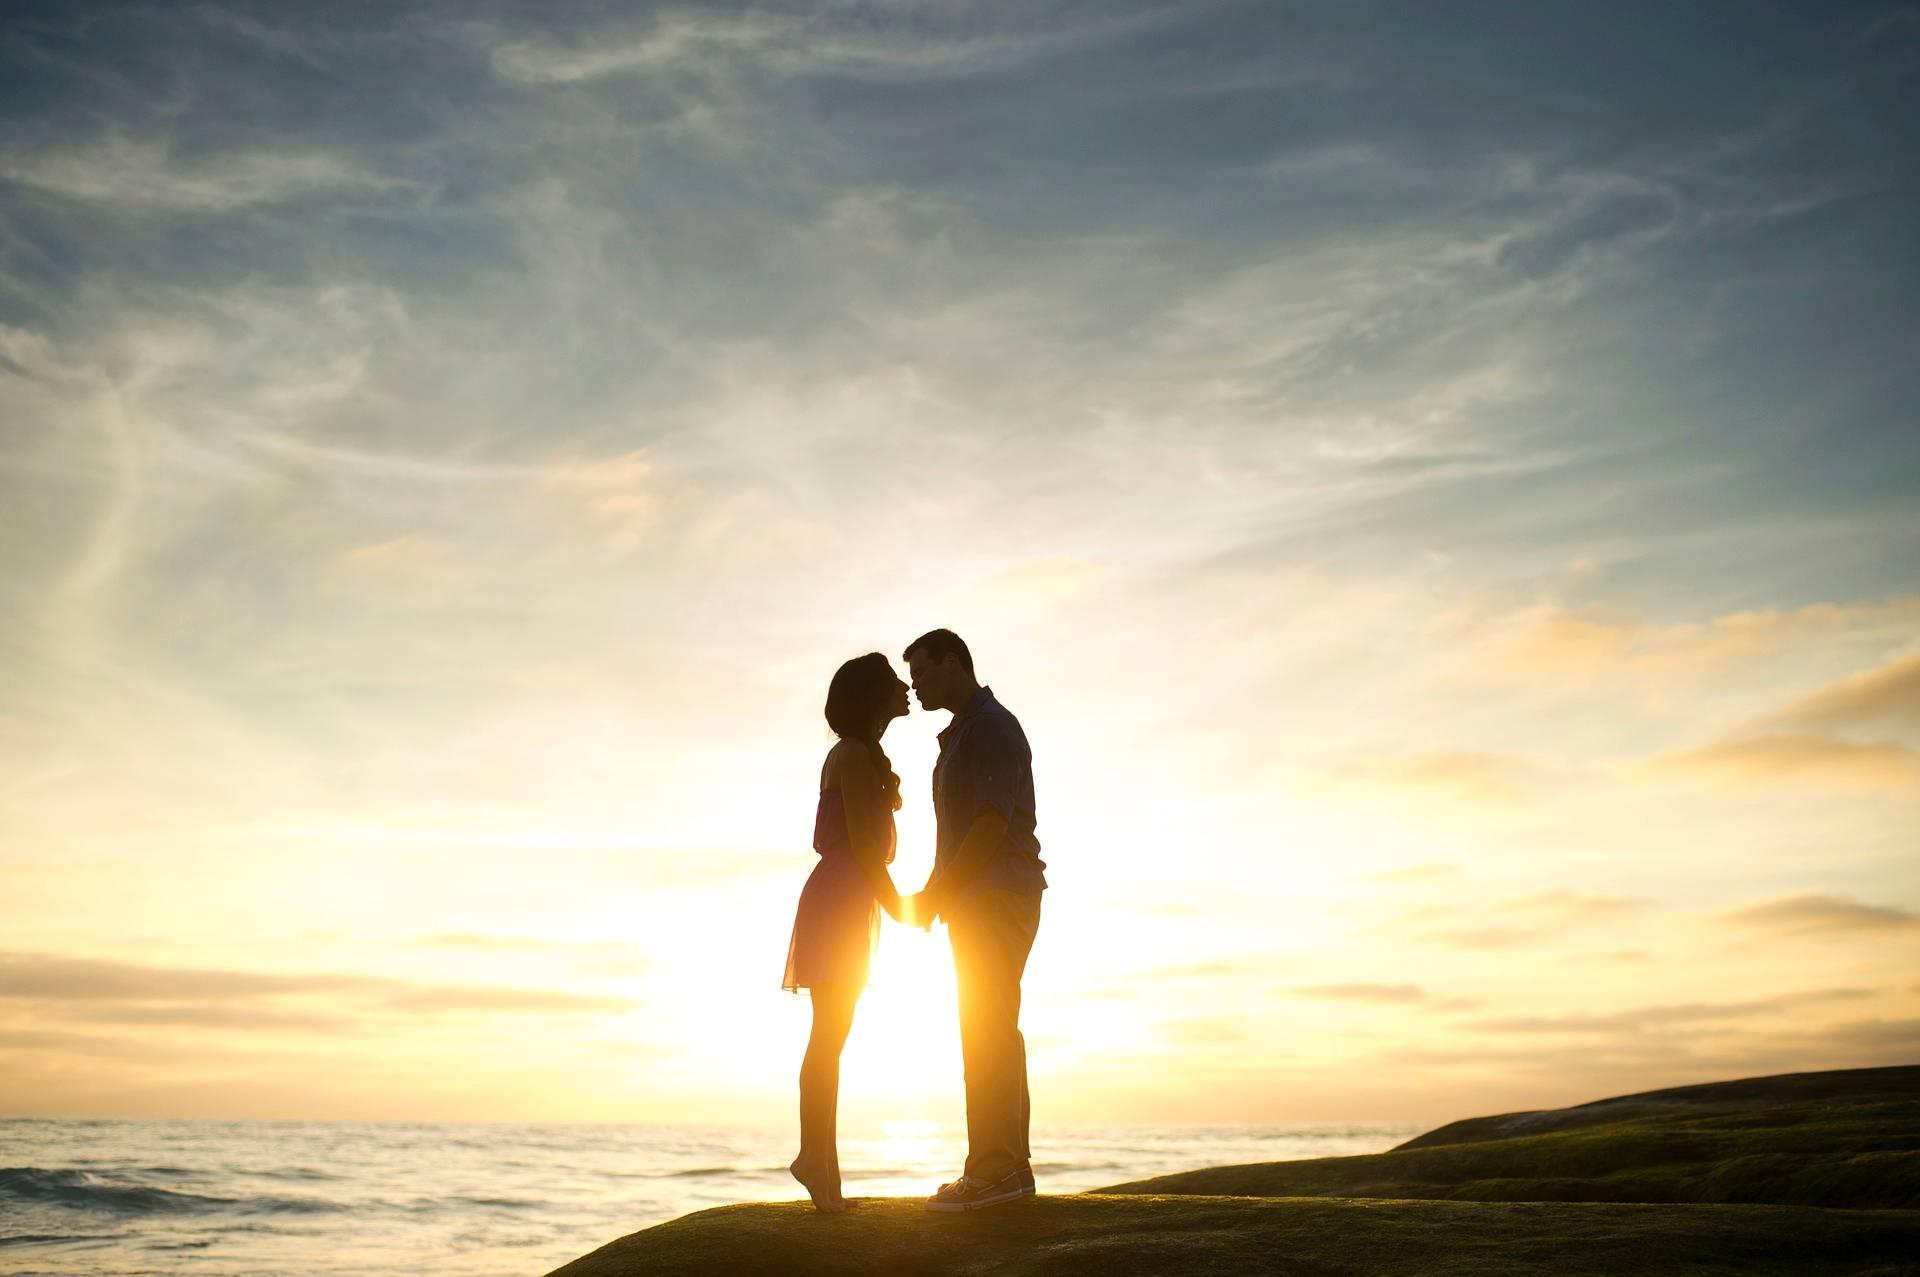 Leczenie niepłodności w medycynie chińskiej. Kobieta i mężczyzna stoją na skarpie nad oceanem o zachodzie słońca. Trzymają się za ręce i całują.